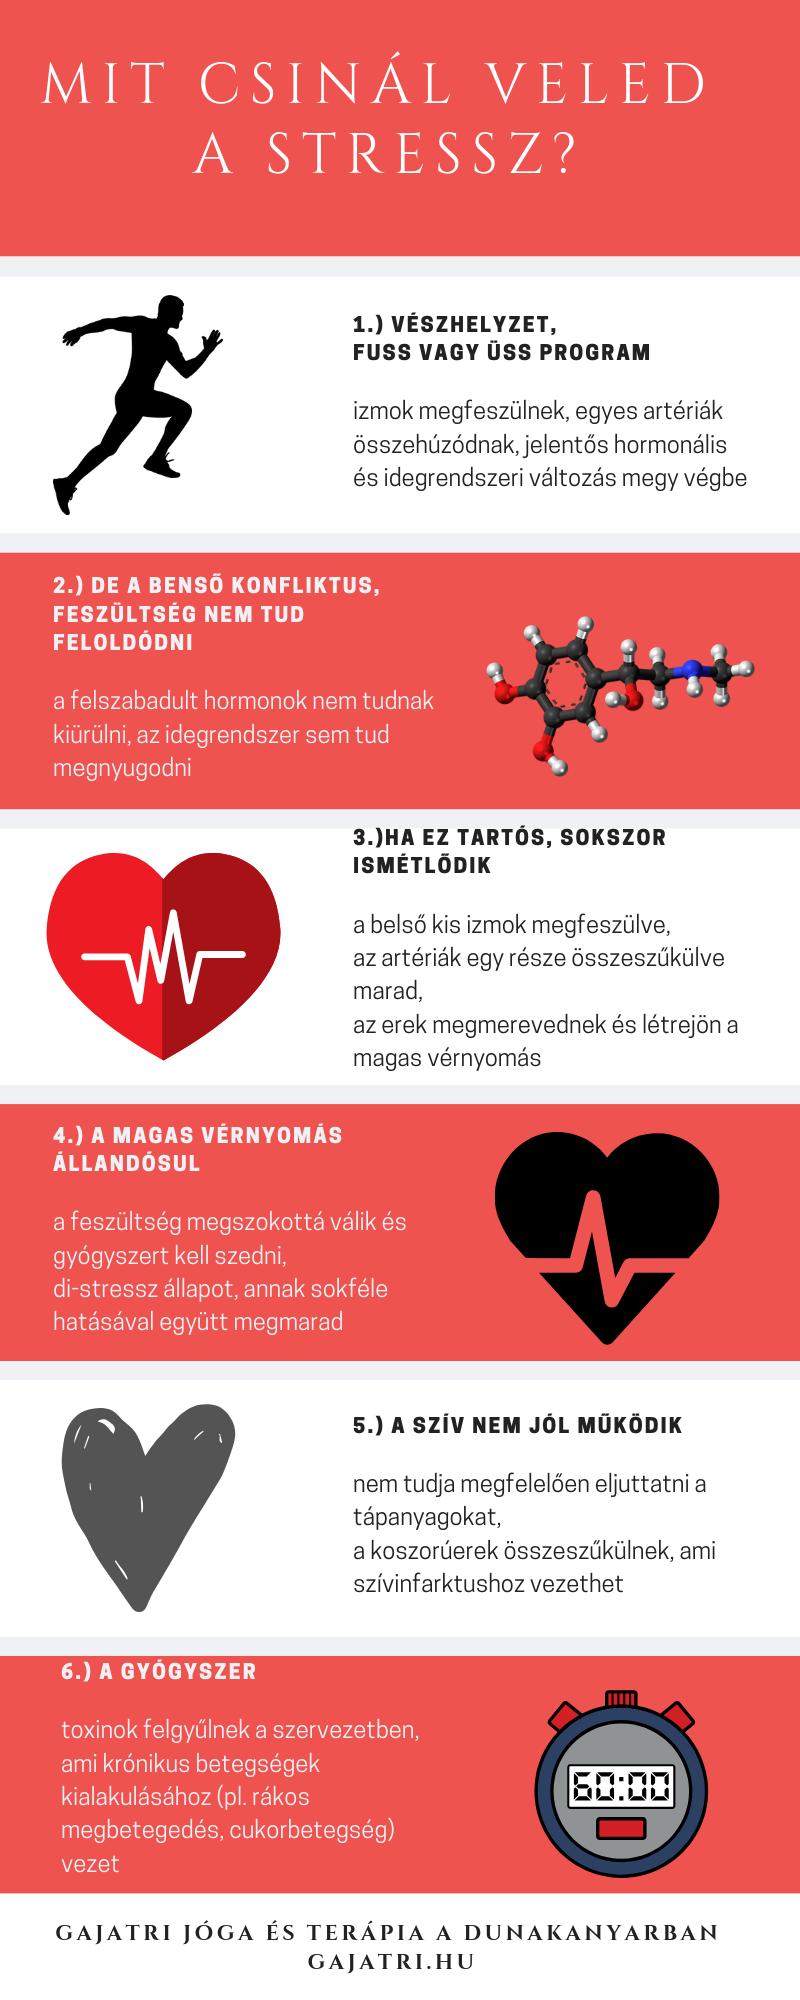 modern orvosság magas vérnyomás ellen a leghatékonyabb magas vérnyomás elleni gyógyszer